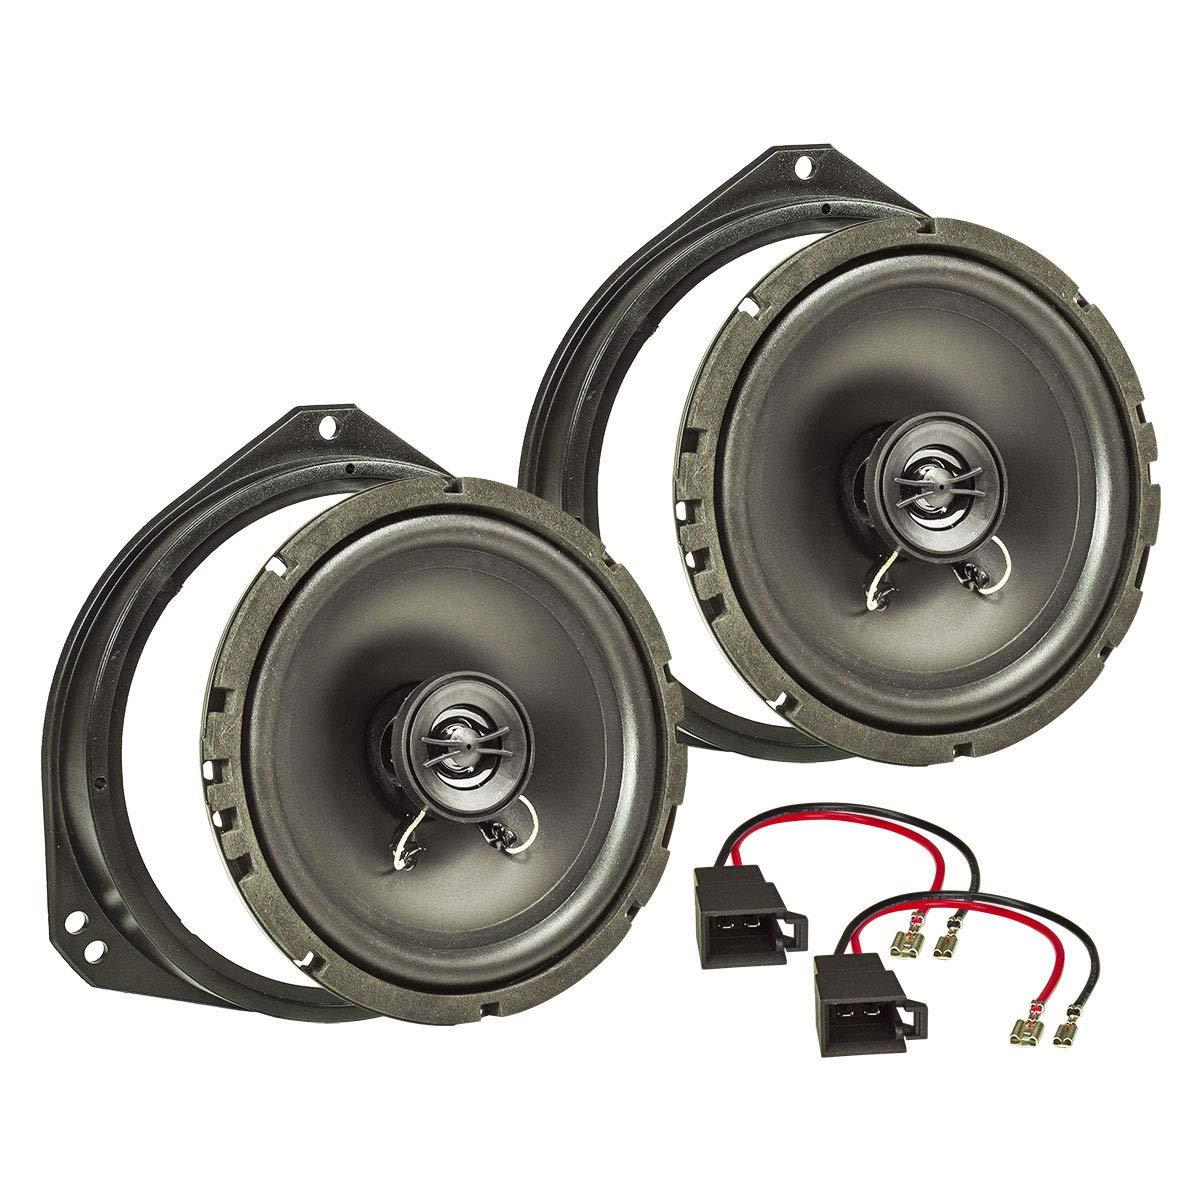 tomzz Audio 4039–000altavoz Set de instalación para Opel Corsa B y C, Tigra, Meriva, para puerta delantera